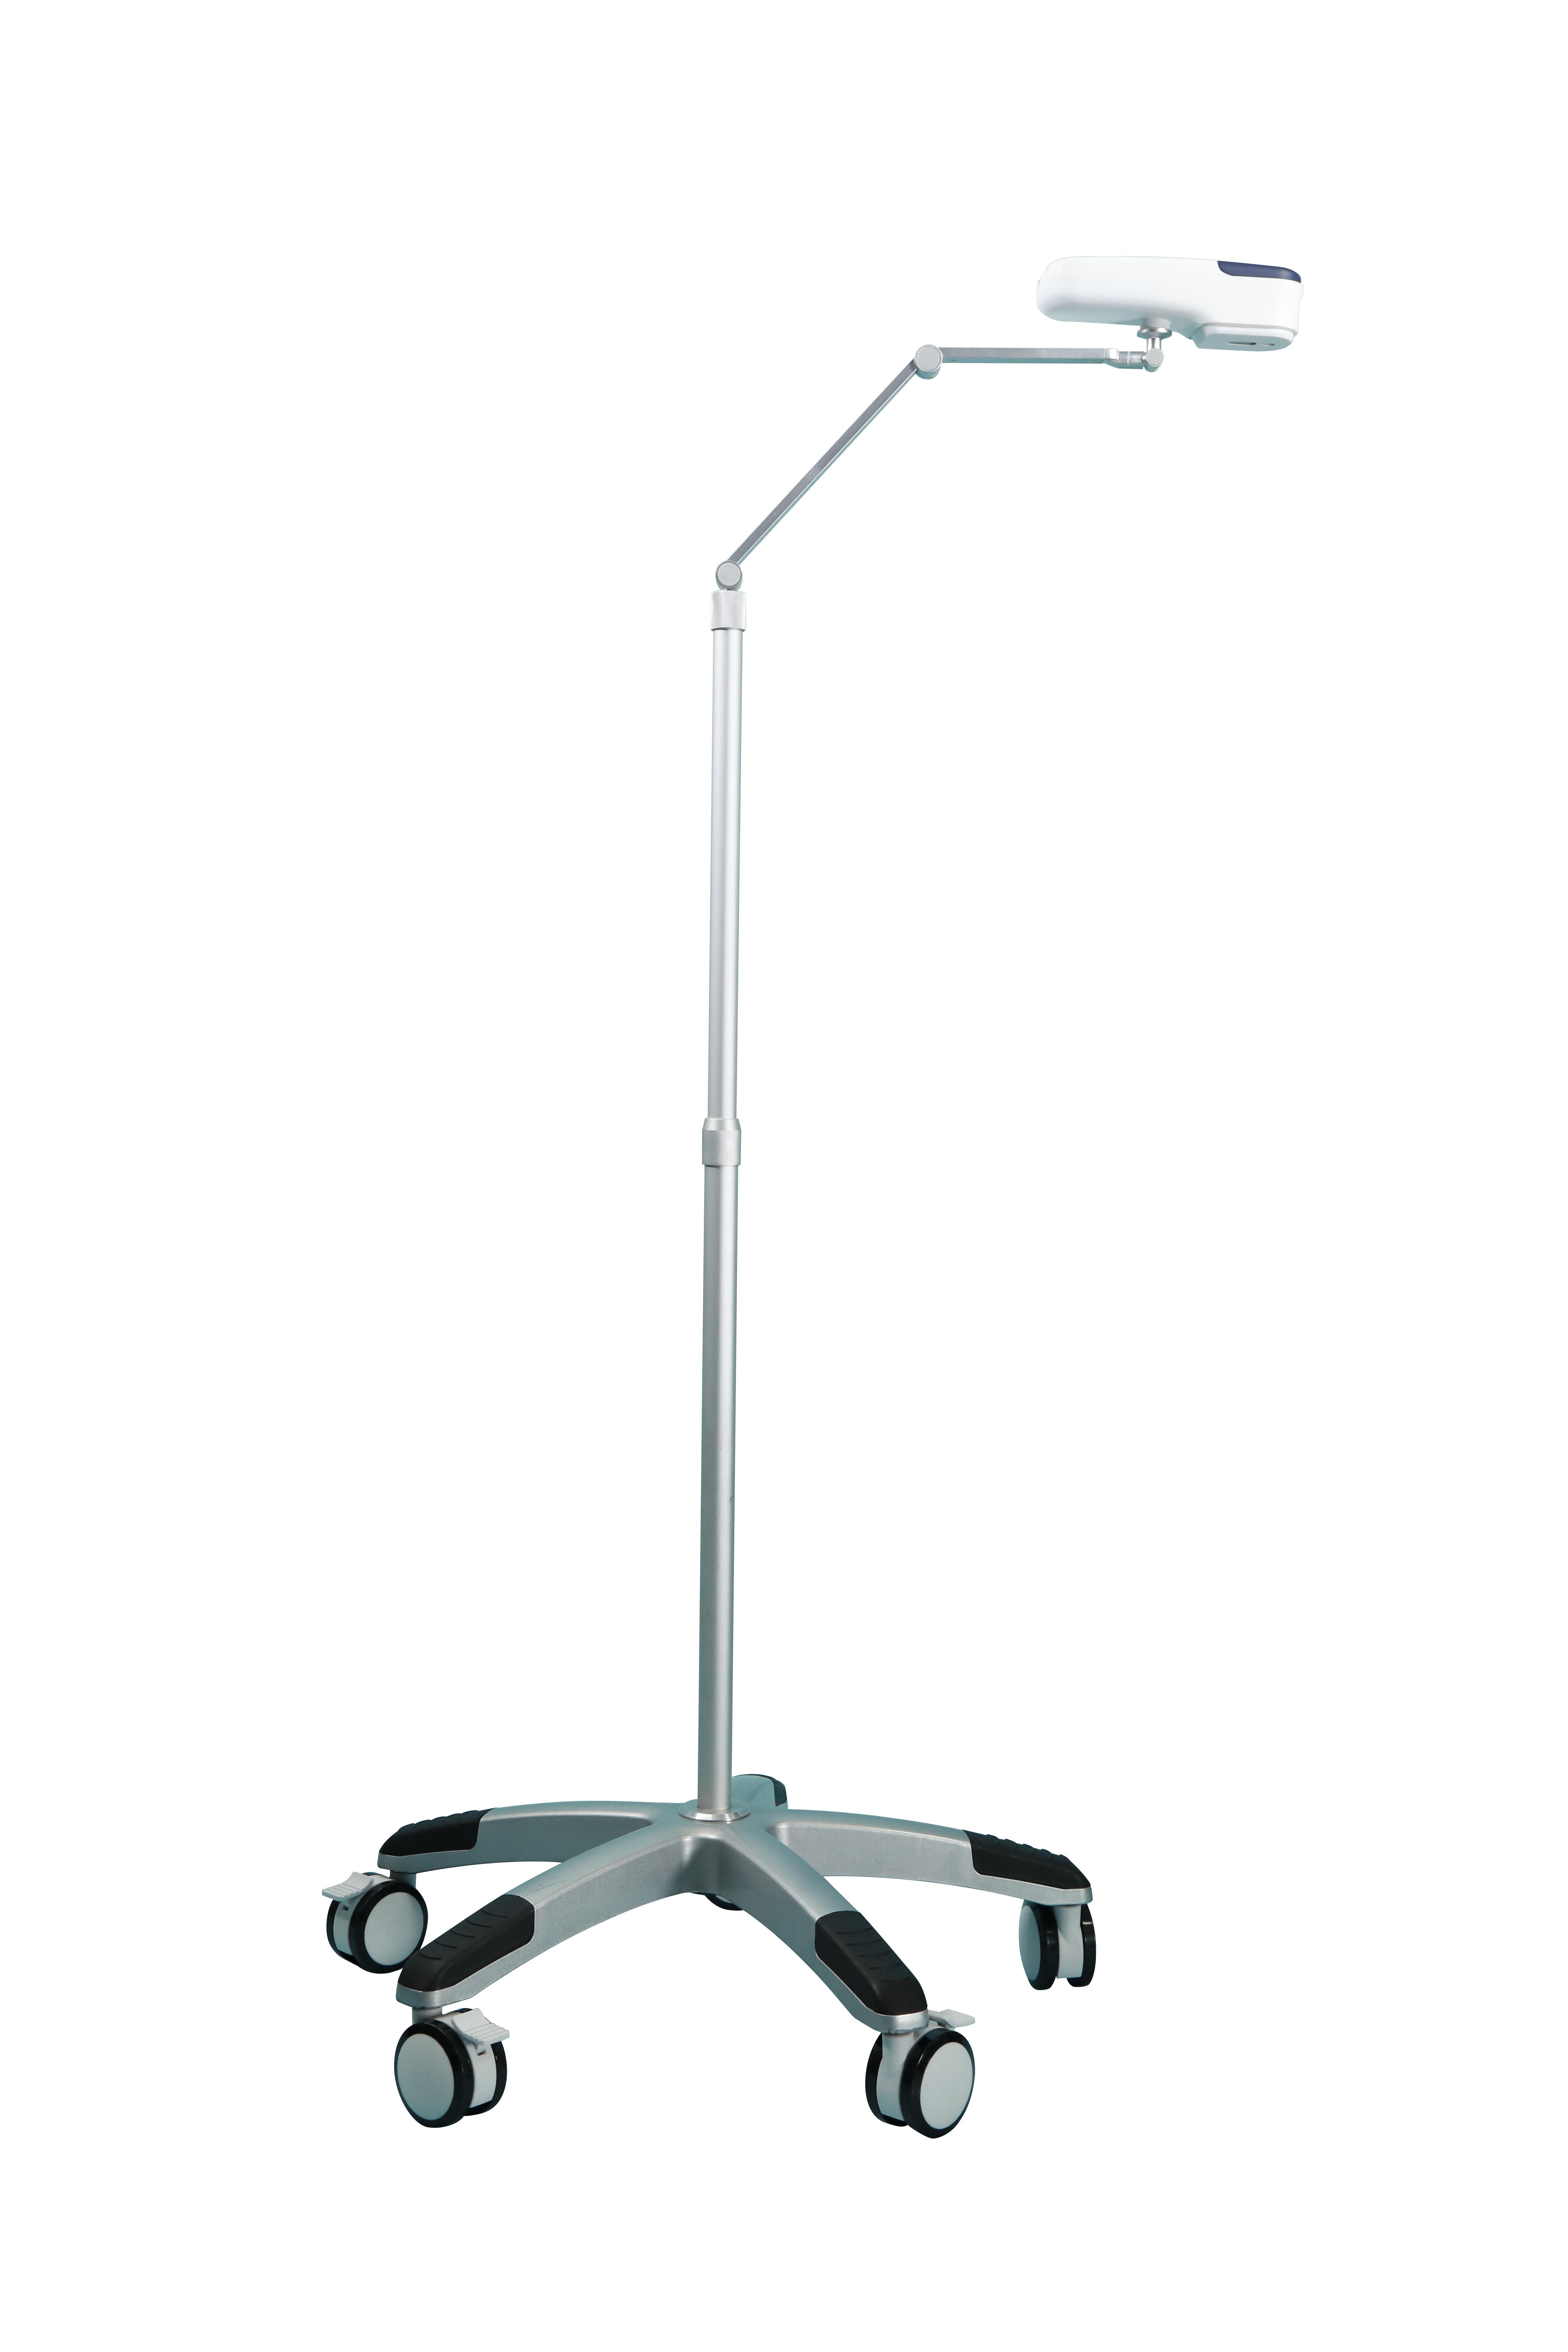 factory price medical projection handheld portable vein finder / vein imaging instruments vascular navigation system